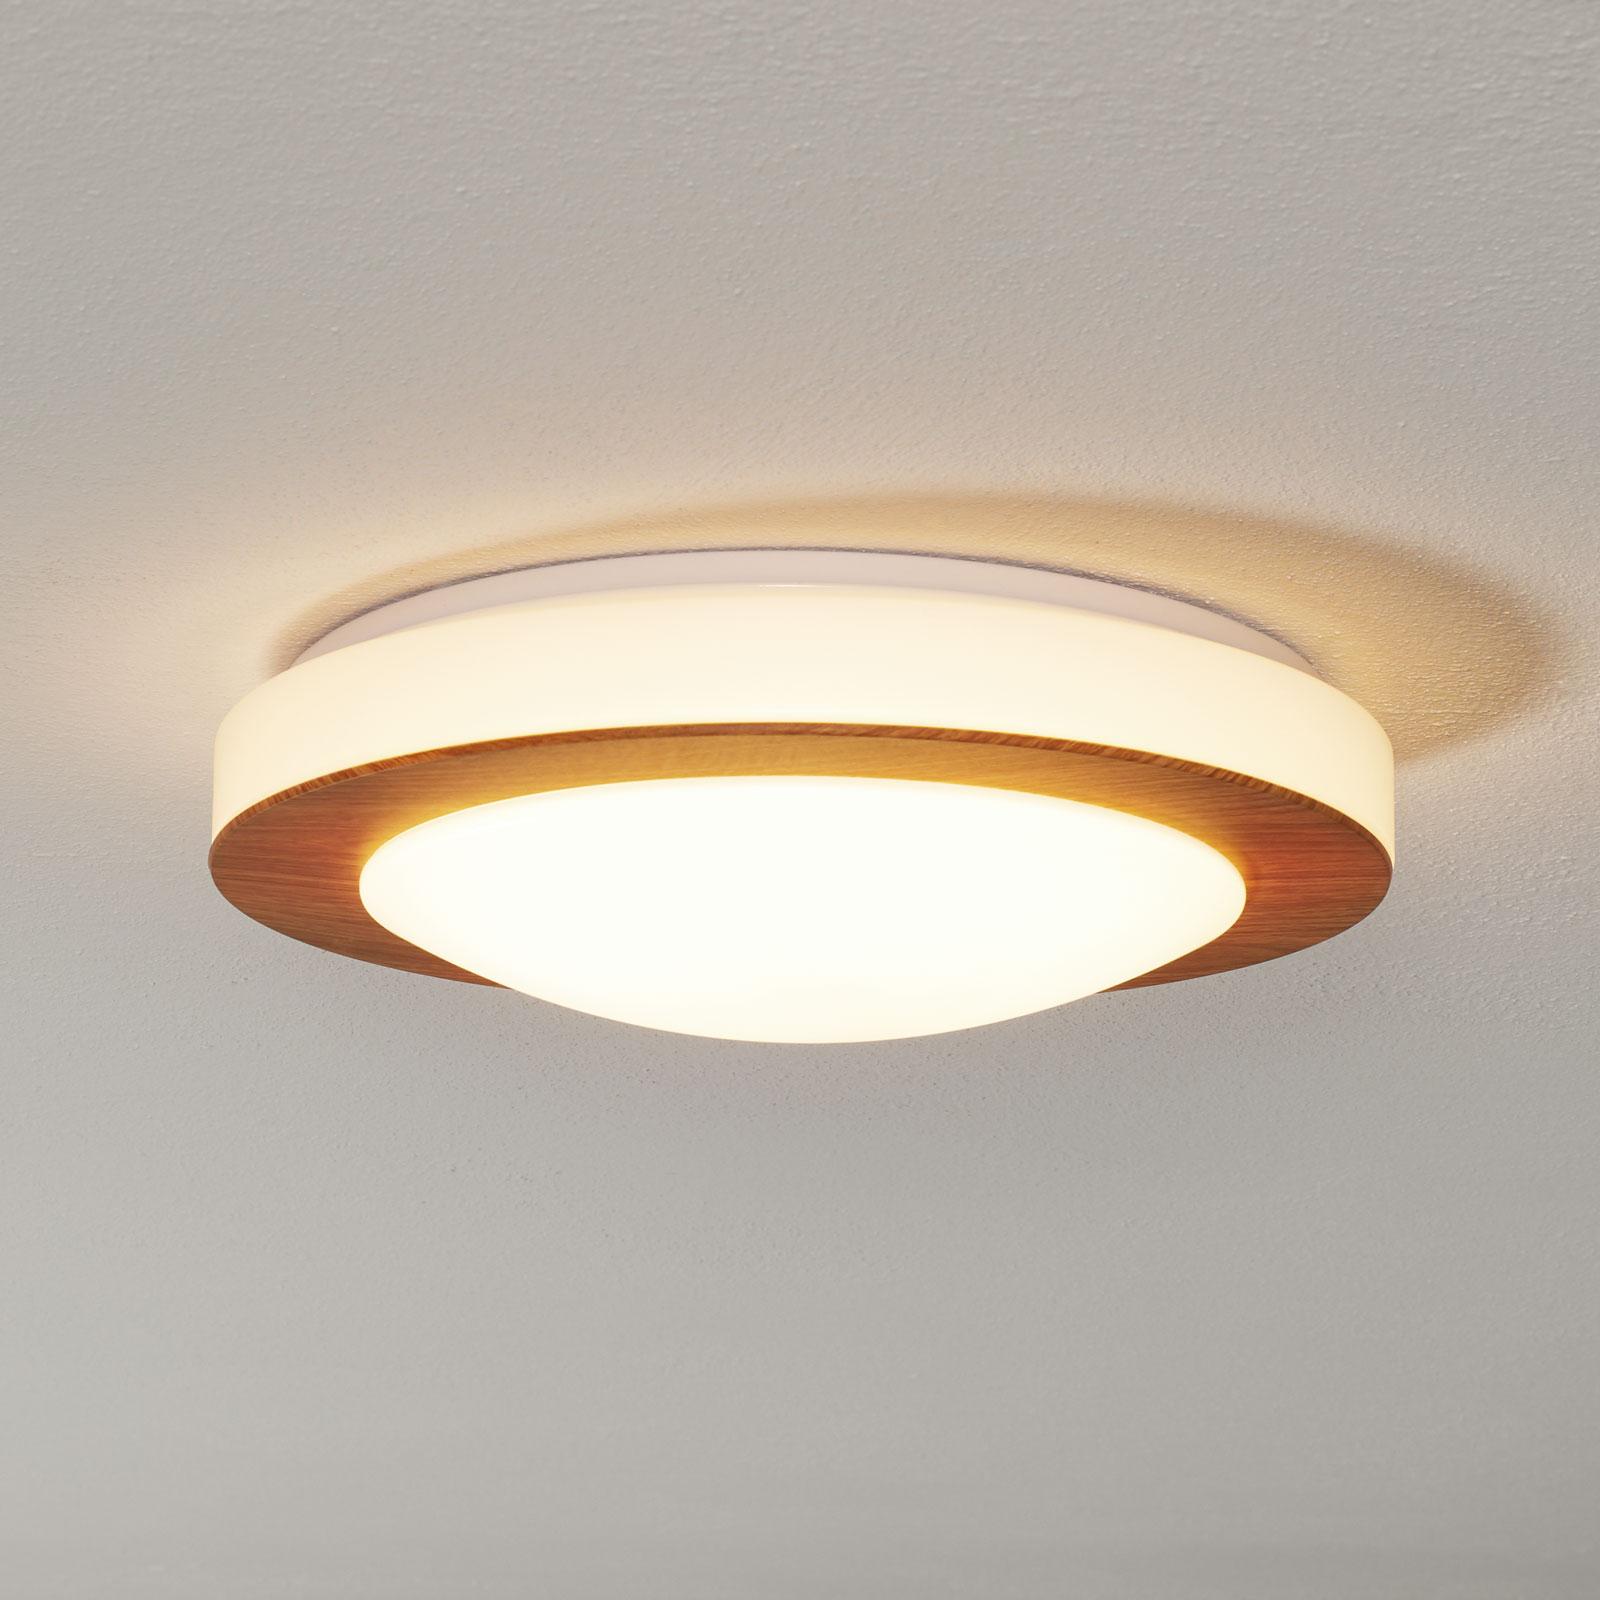 Runde LED-Deckenleuchte Gordon m. Holzlackierung